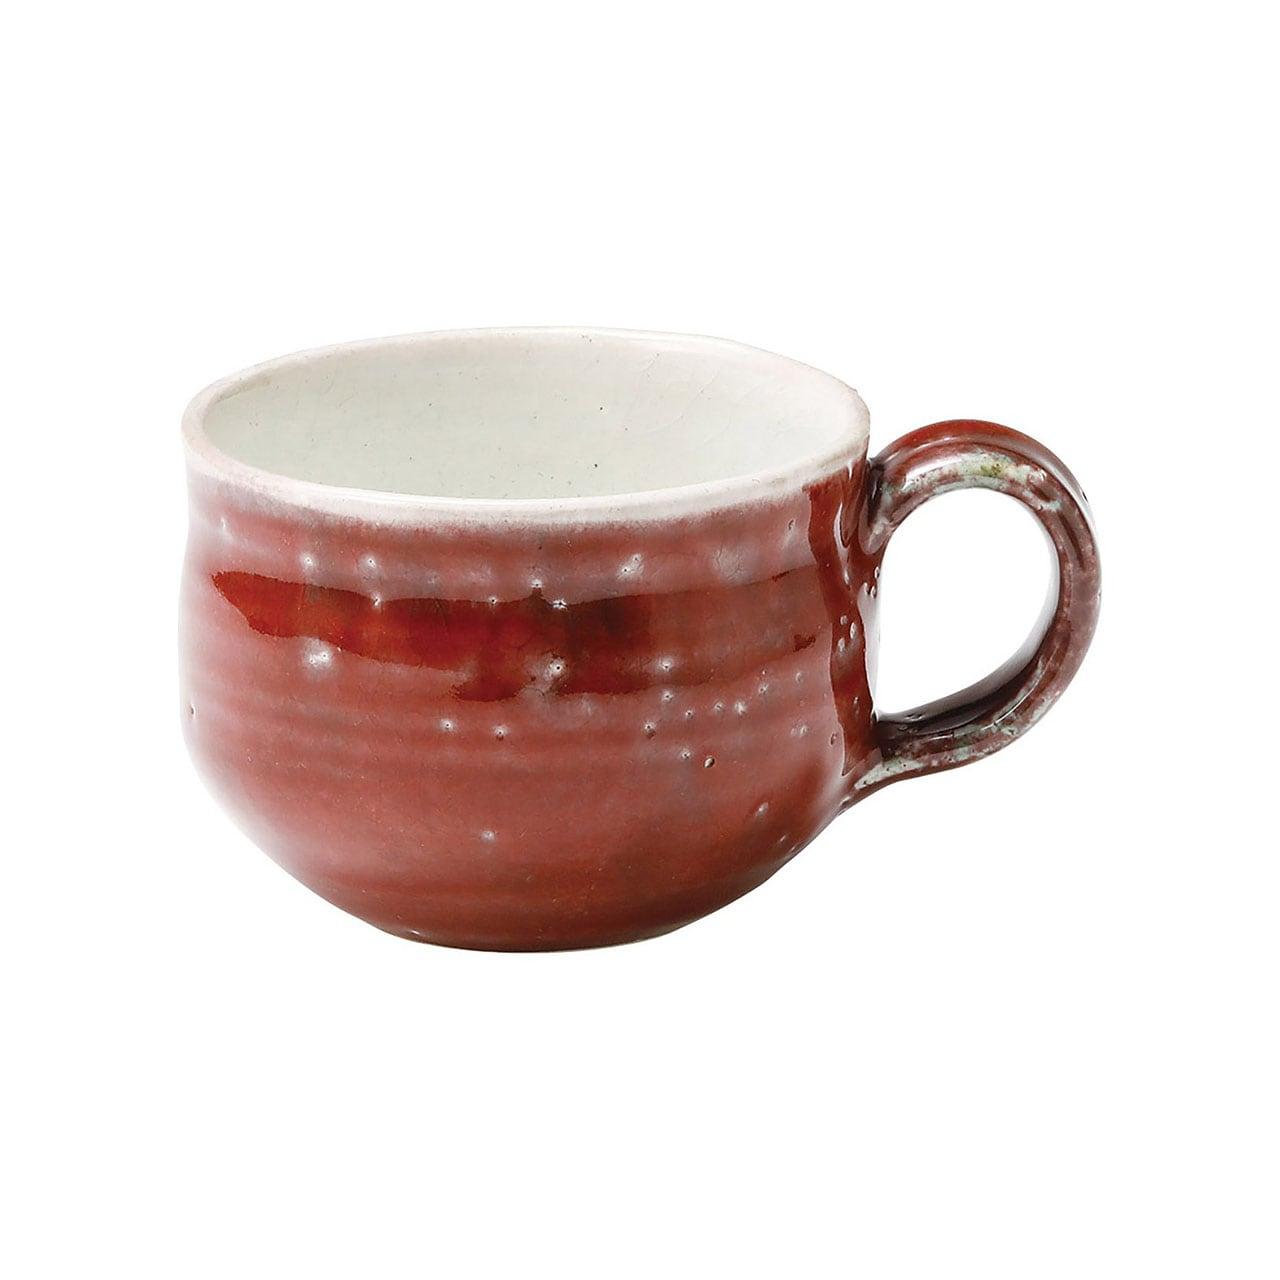 信楽焼 へちもん マグカップ 約240ml 紅彩 MR-3-3344